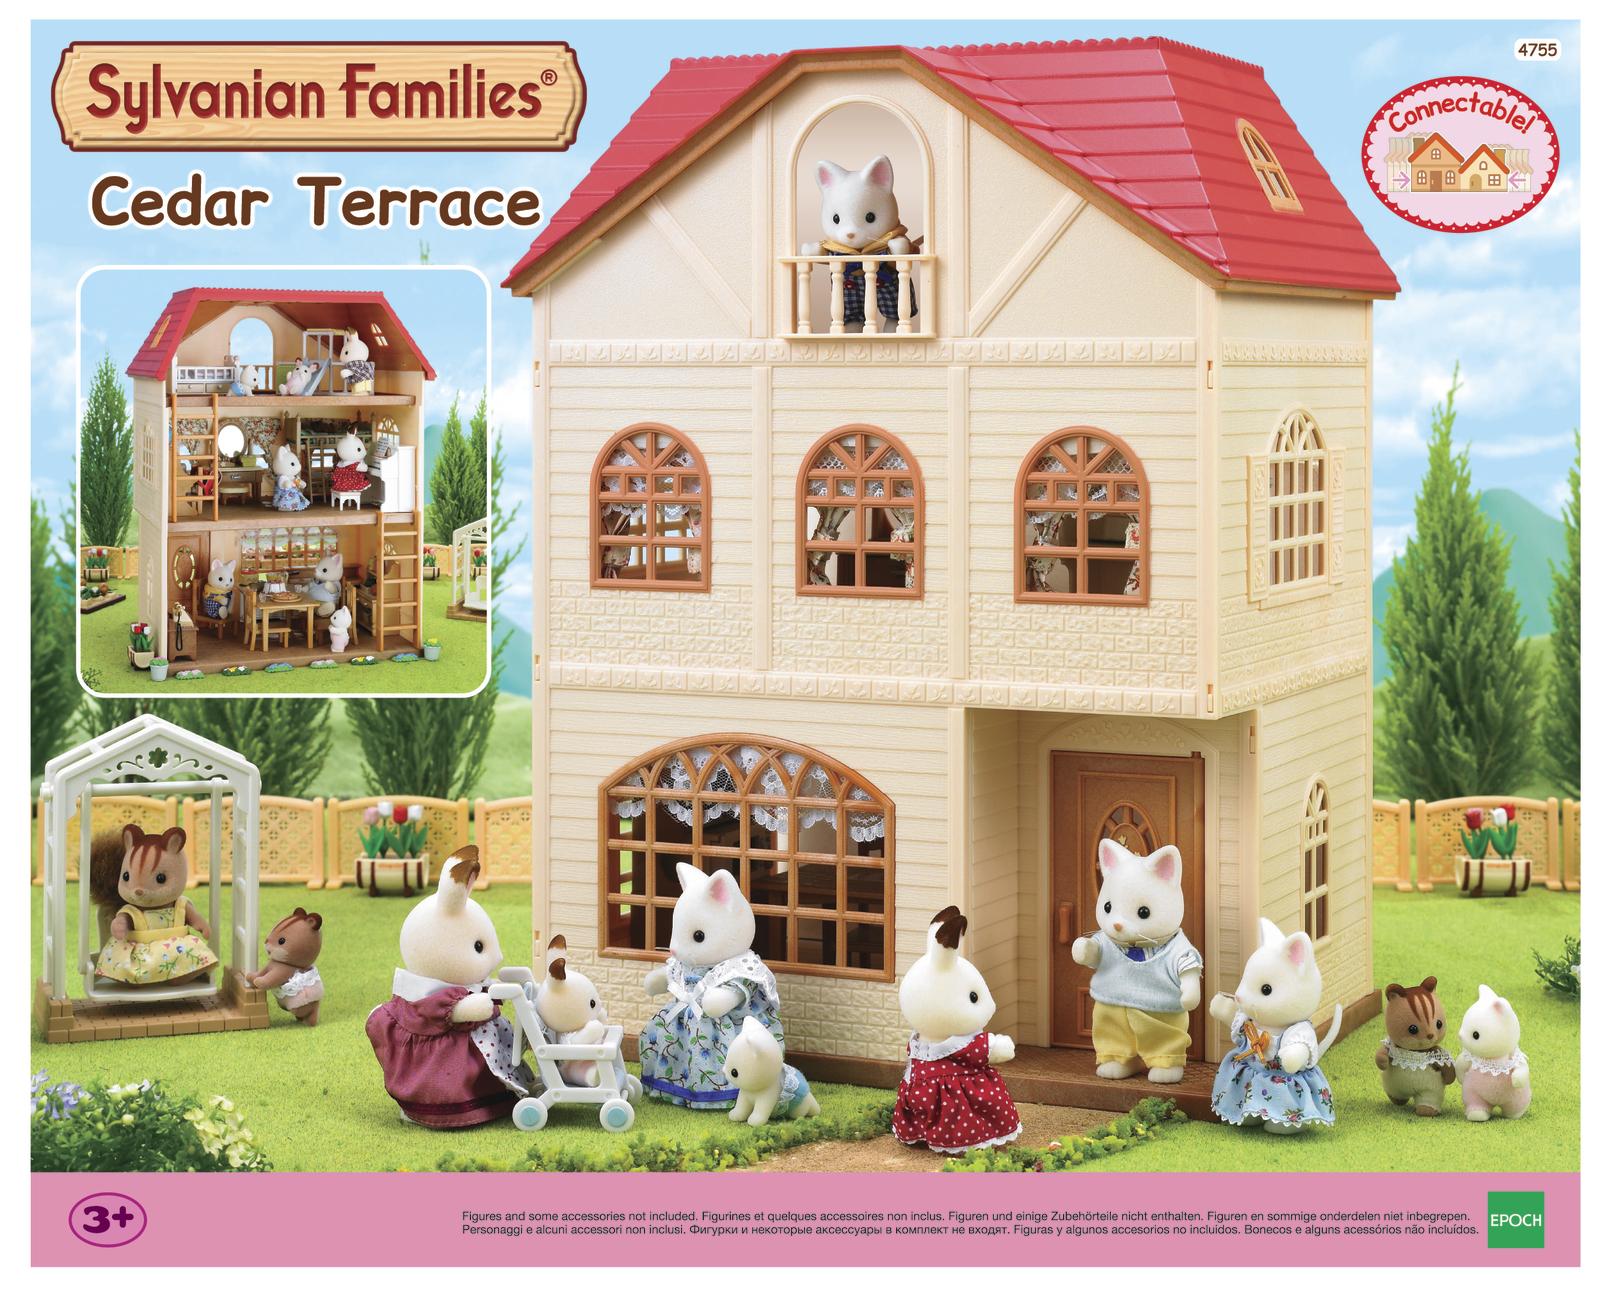 Sylvanian Families: Cedar Terrace image